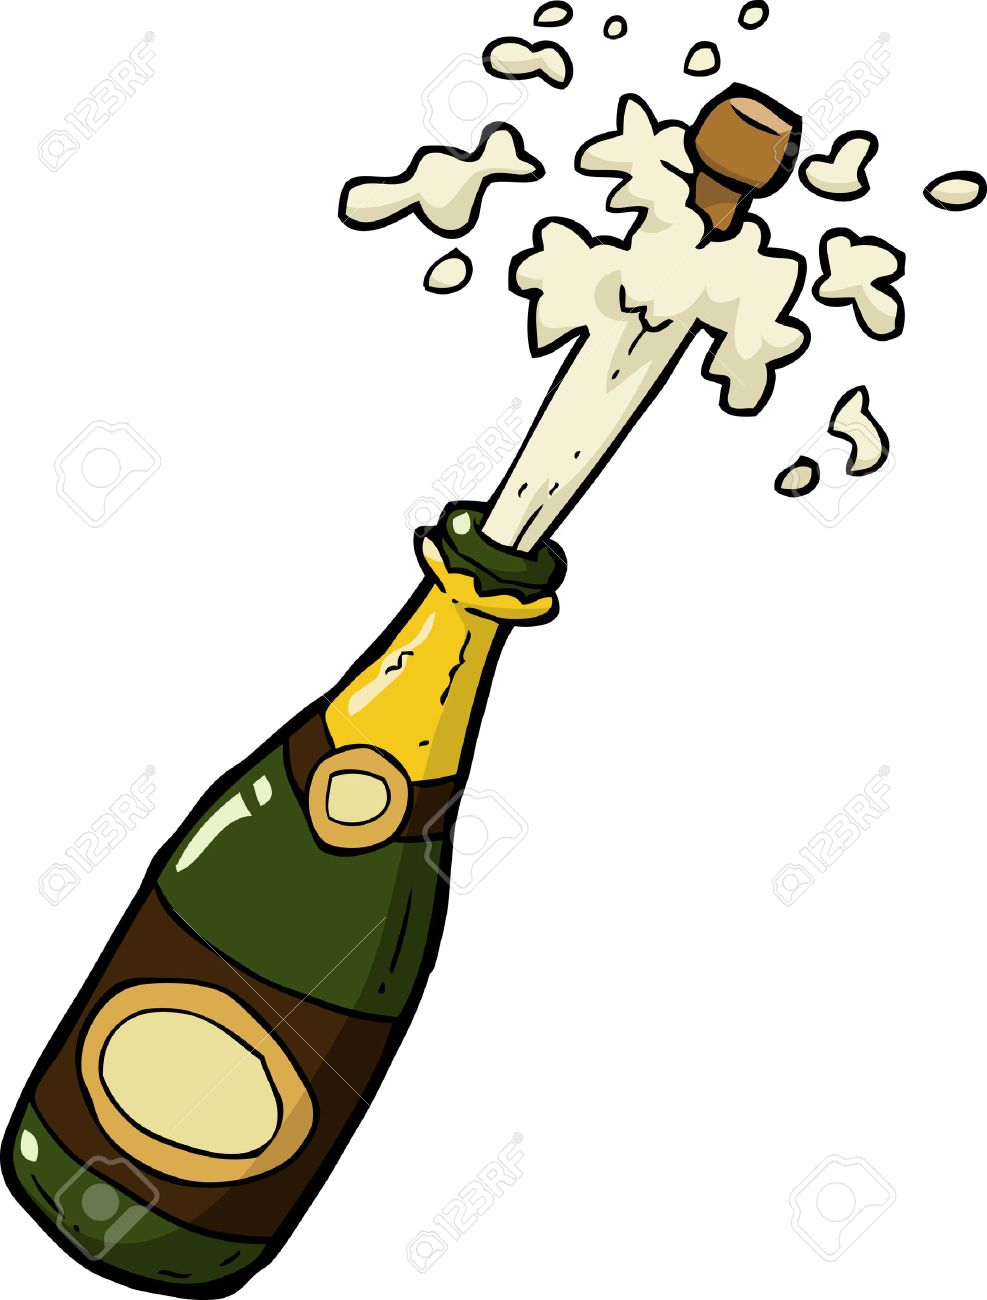 Cartoon doodle champagne bottle shot vector illustration